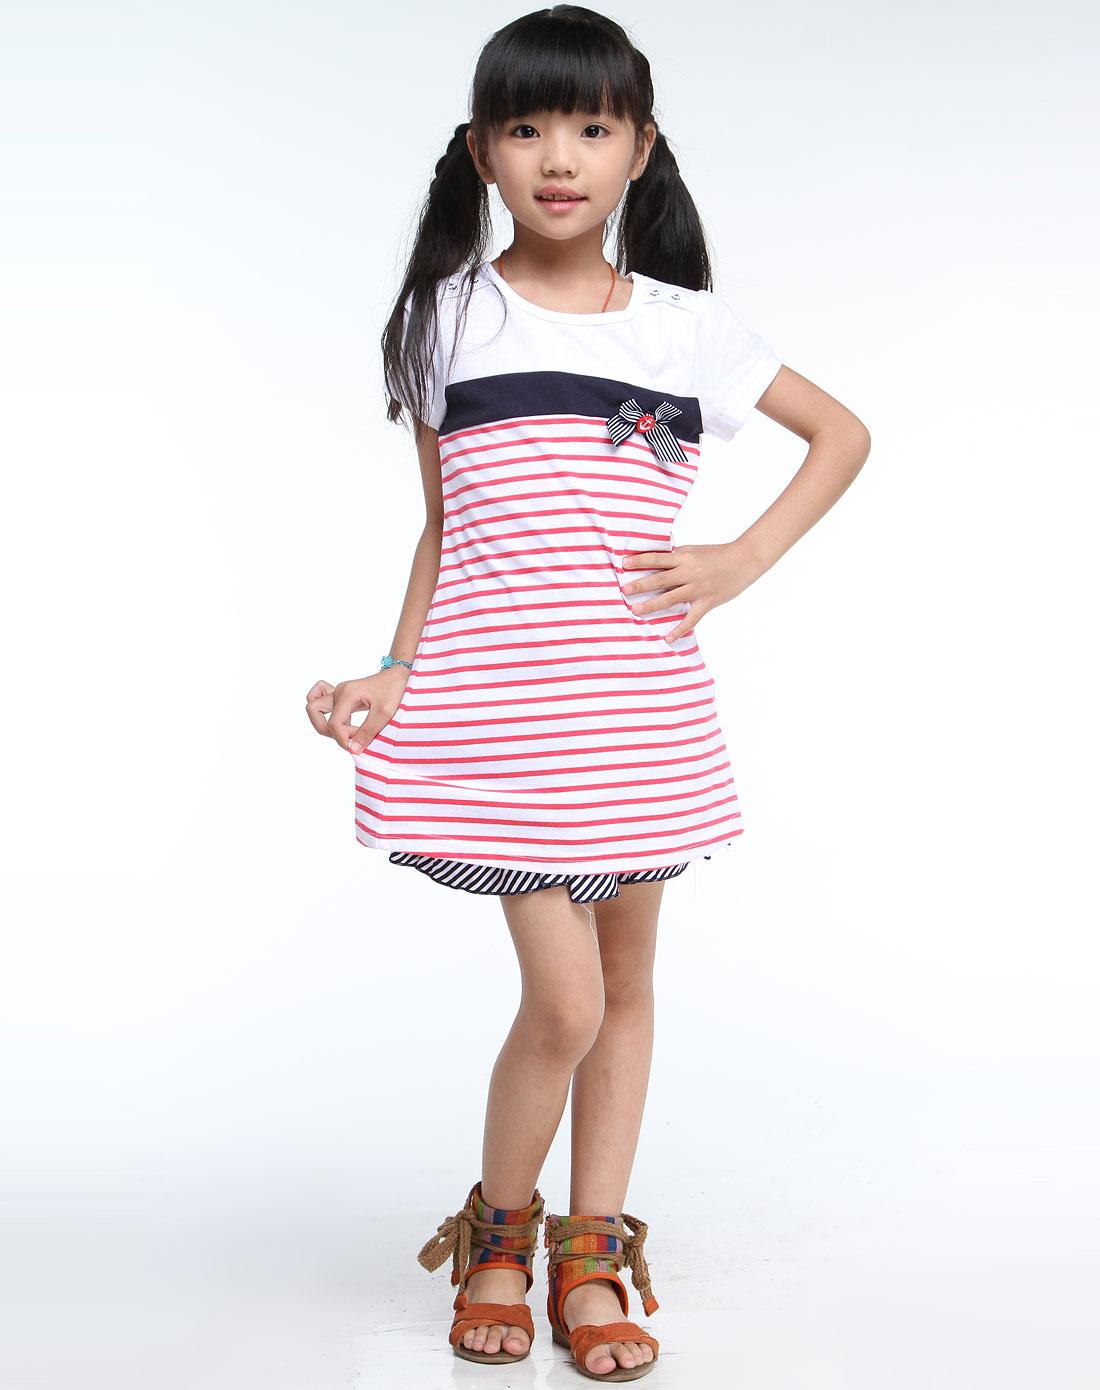 巴拉巴拉balabala男女童混合专场-女童白/红色条纹圆领短袖t恤